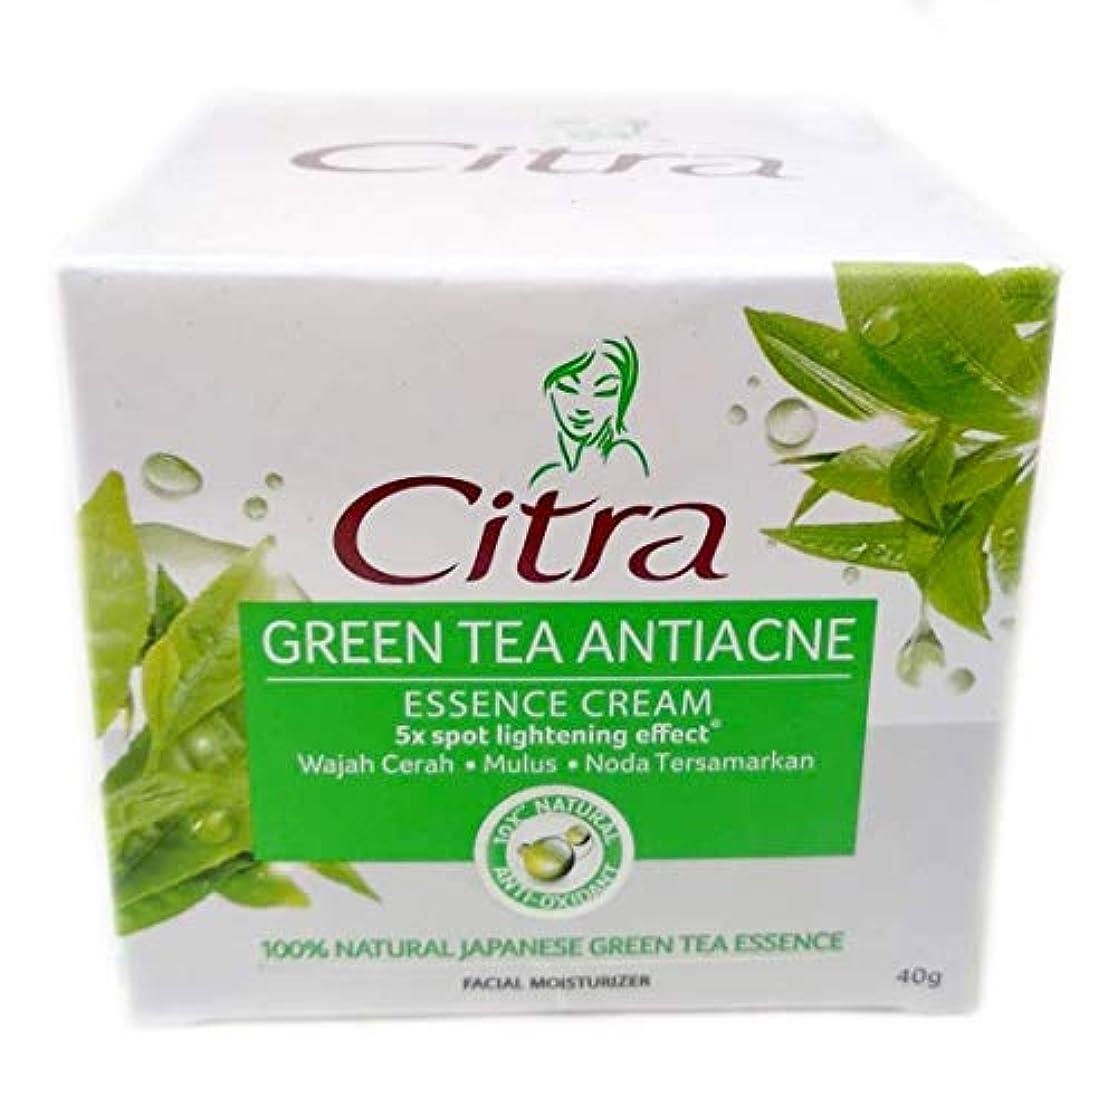 オフェンスくしゃみアレキサンダーグラハムベルCitra チトラ Facial Moisturizer フェイシャルモイスチャライザー エッセンシャルフェイスクリーム Green Tea Antiacne 40g [海外直送品]